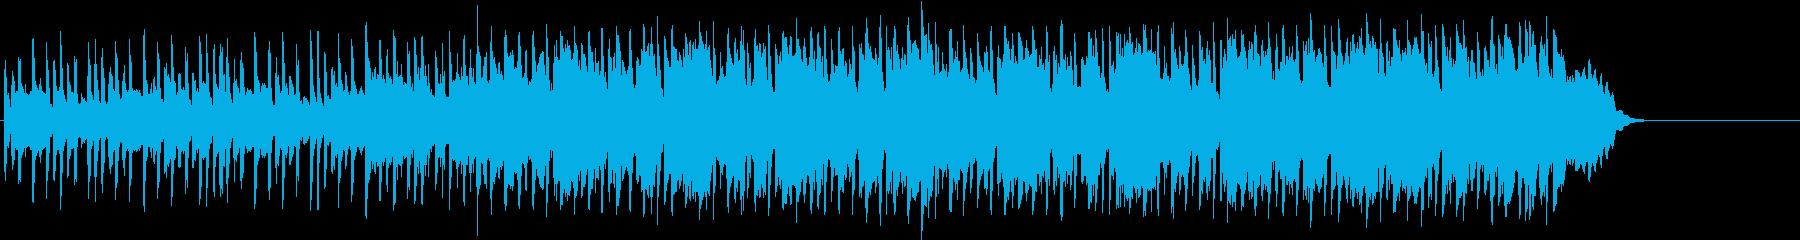 ほのぼのと優しいポップ(Aメロ~サビ)の再生済みの波形